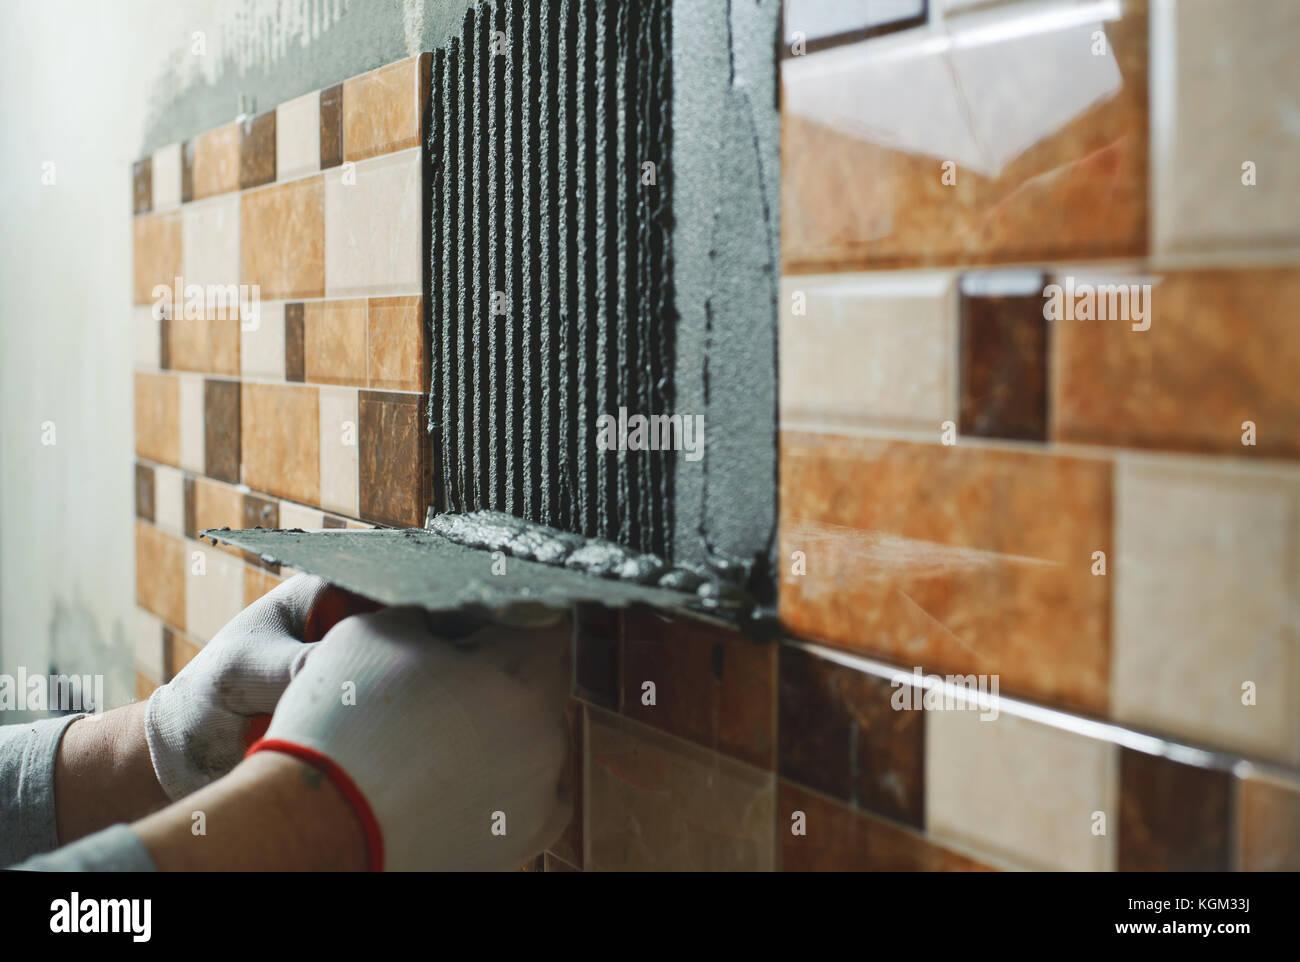 La posa di piastrelle di ceramica installatore offerte adesivo